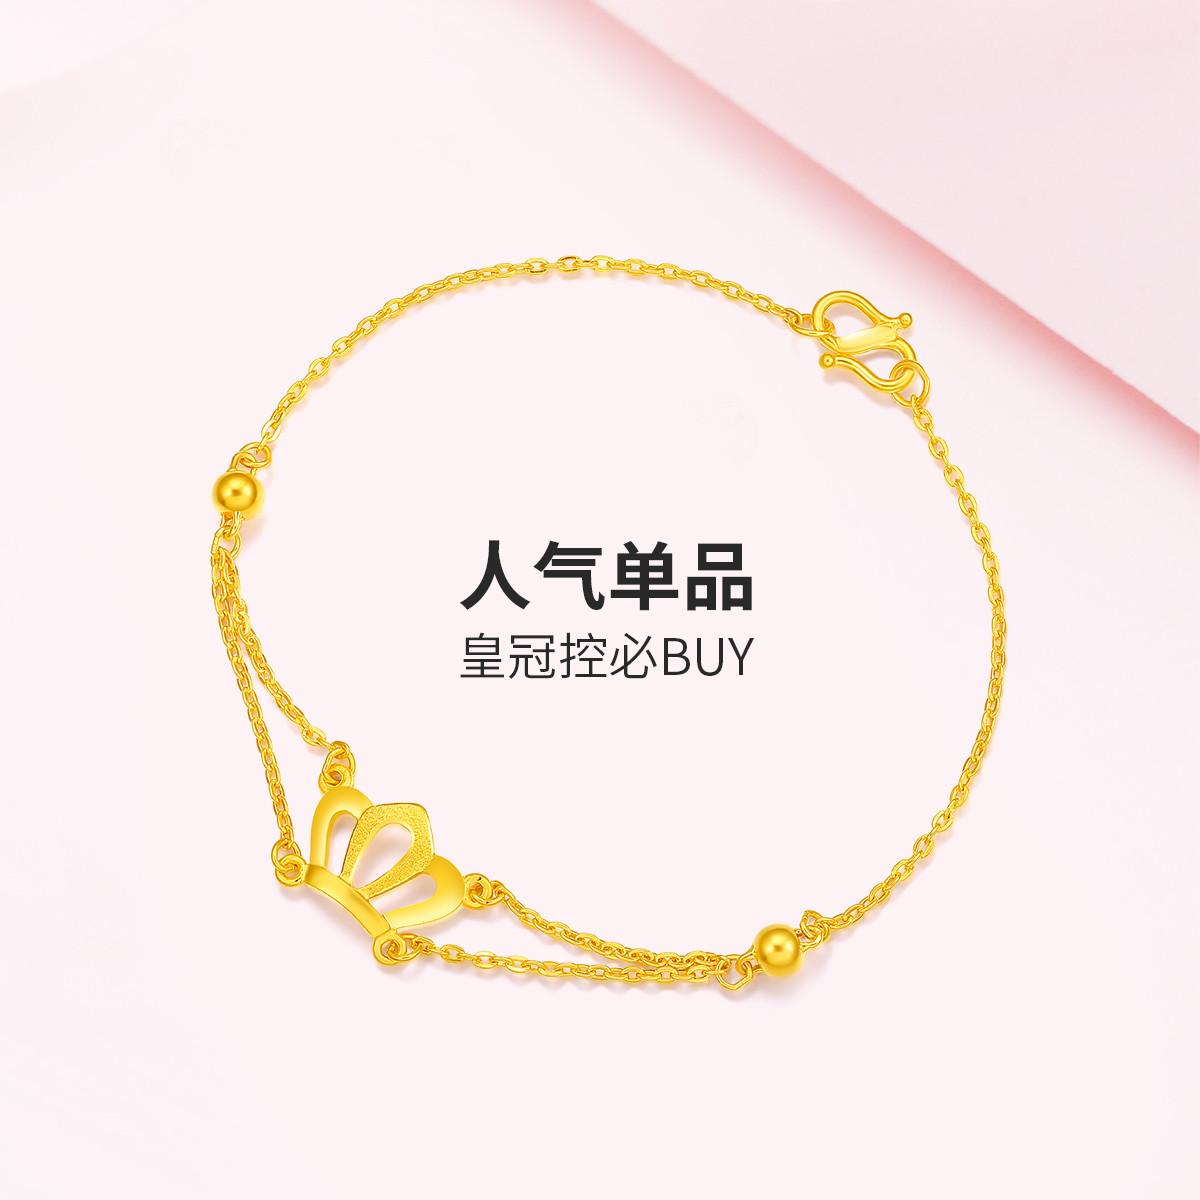 周六福周六福 精品足金手链时尚皇冠黄金手链女士0129-HJSL003